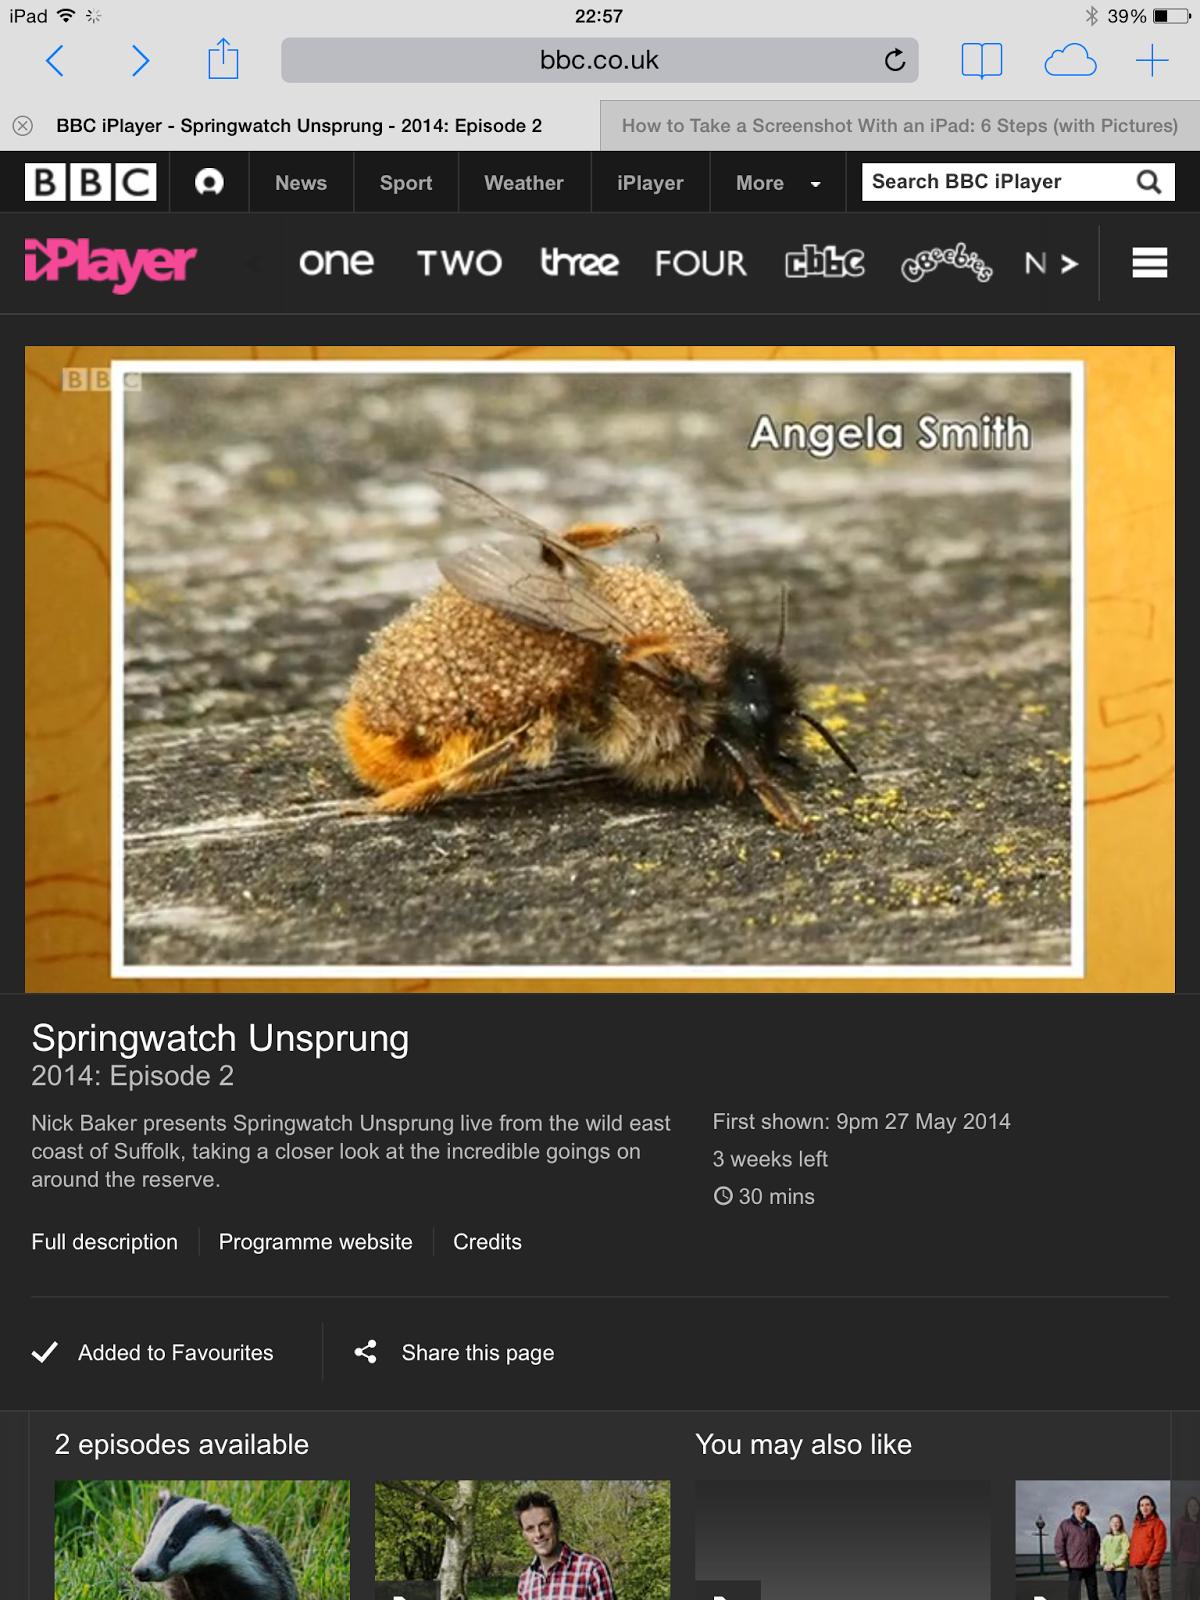 BBC Springwatch Unsprung fame